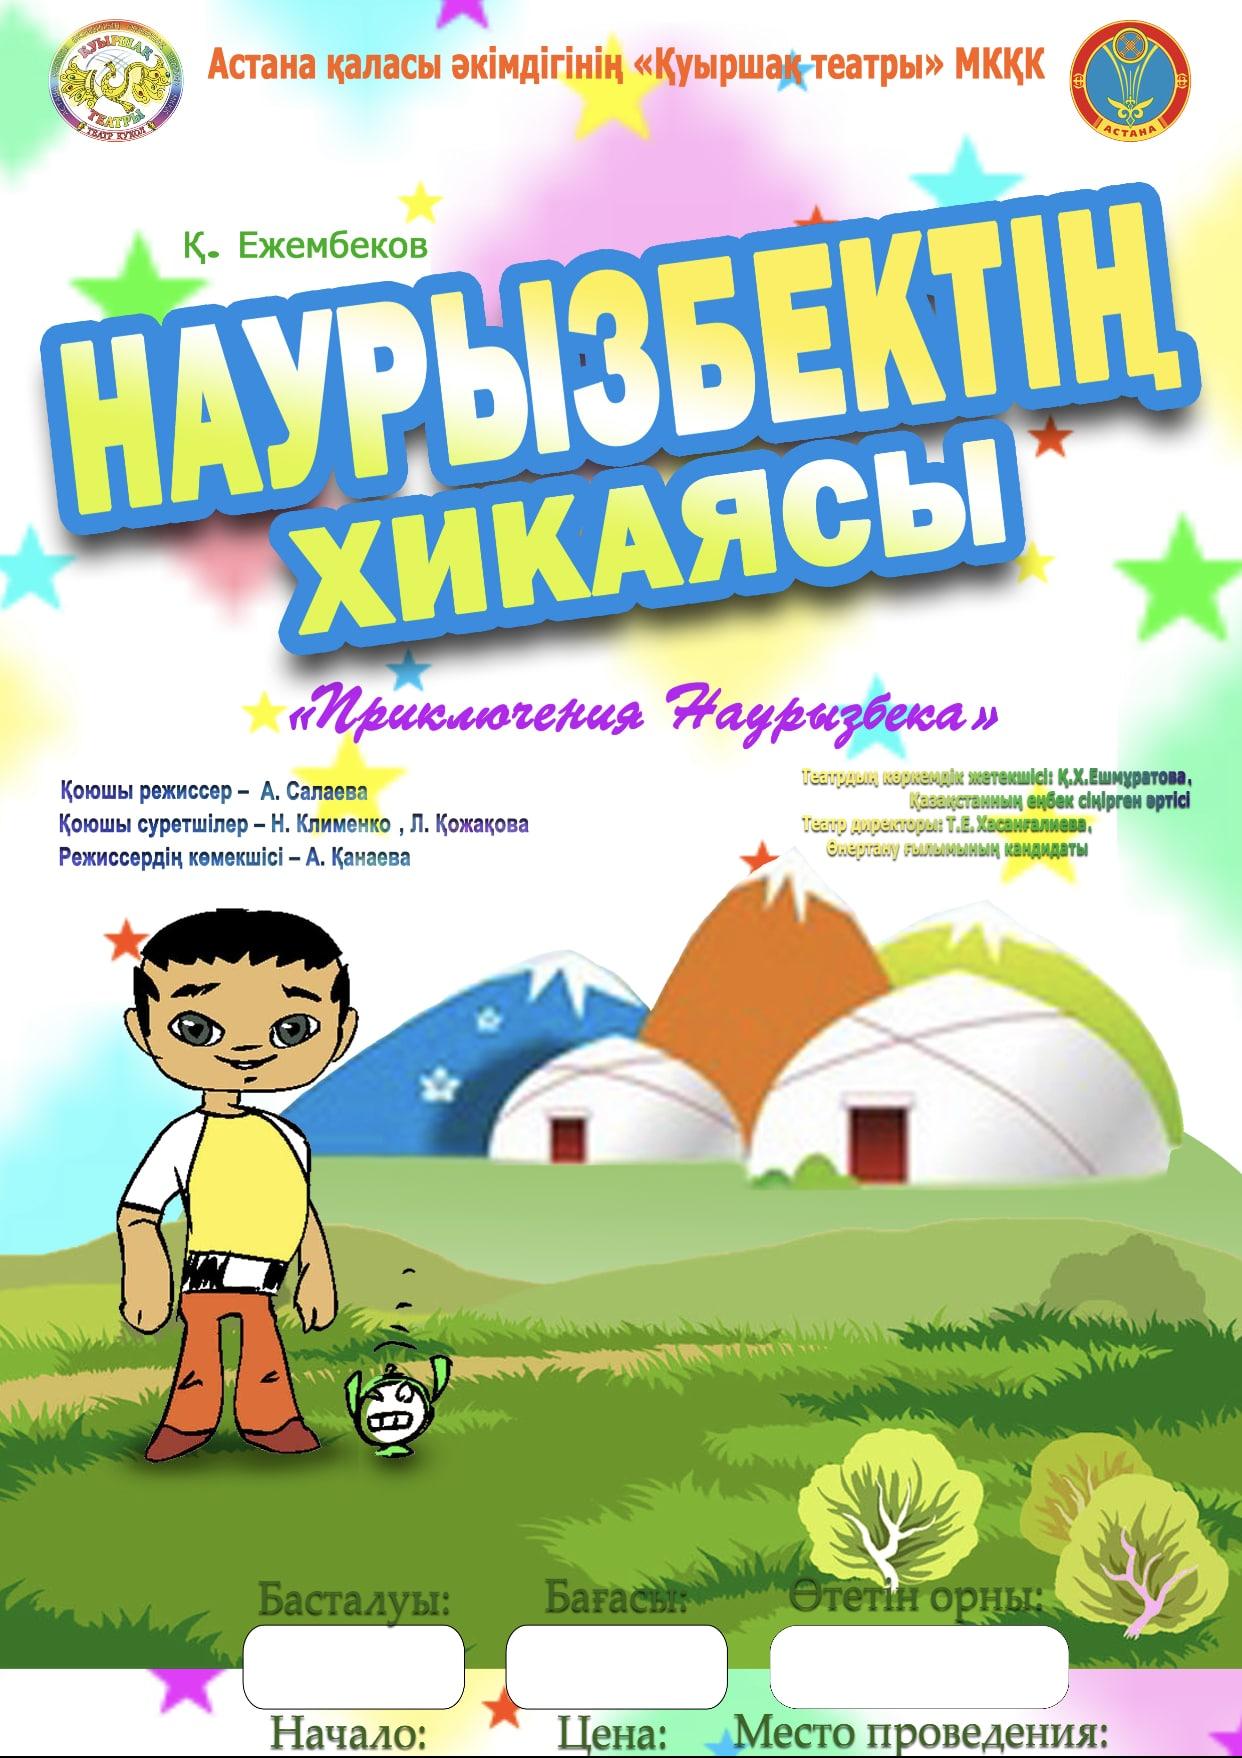 Наурызбектің хикаясы / Театр Кукол